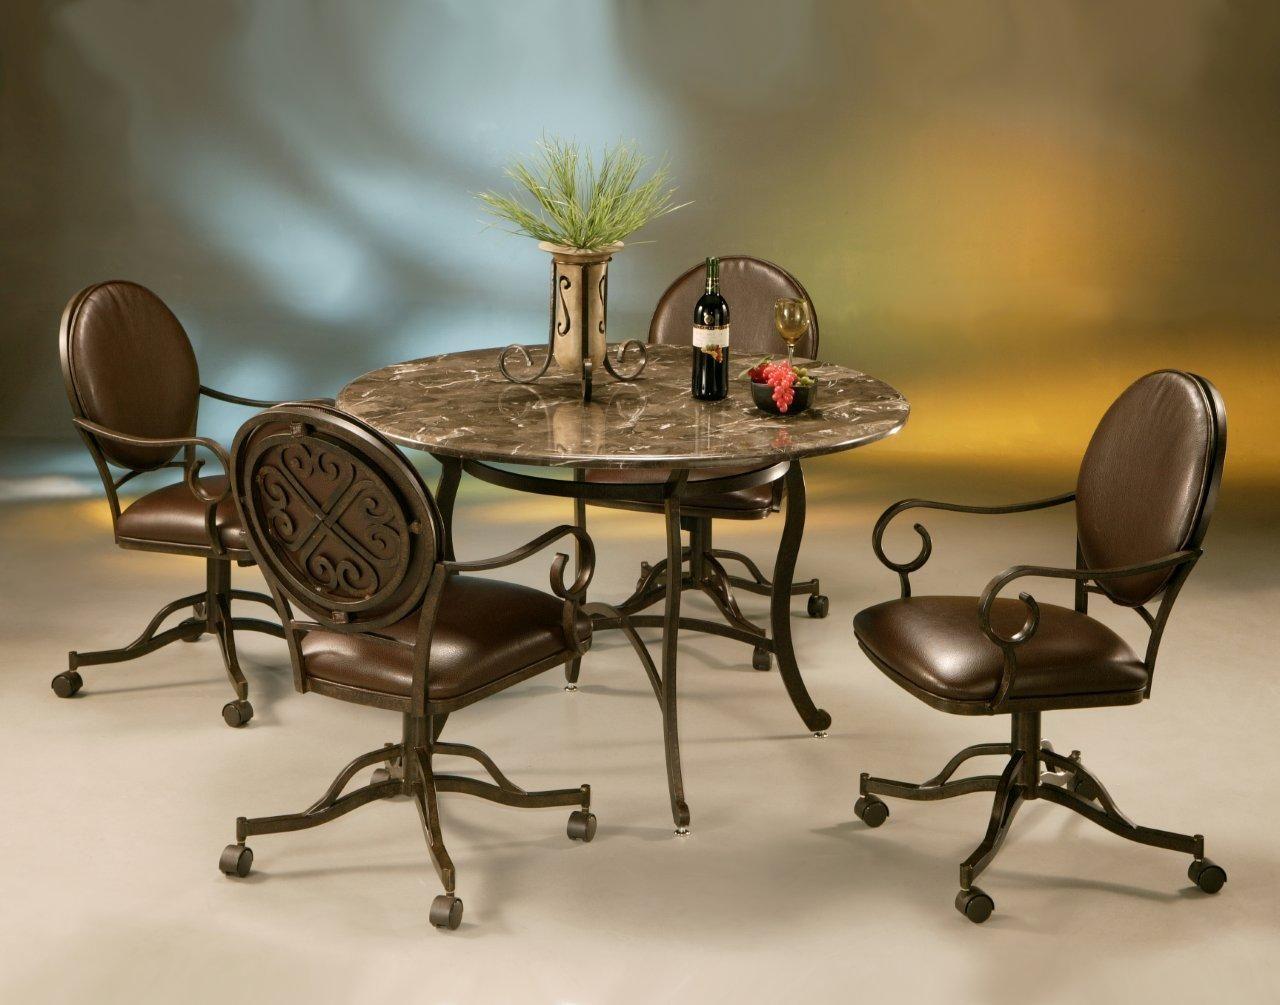 Küche Stühle Mit Rollen   Stühle modern   Pinterest